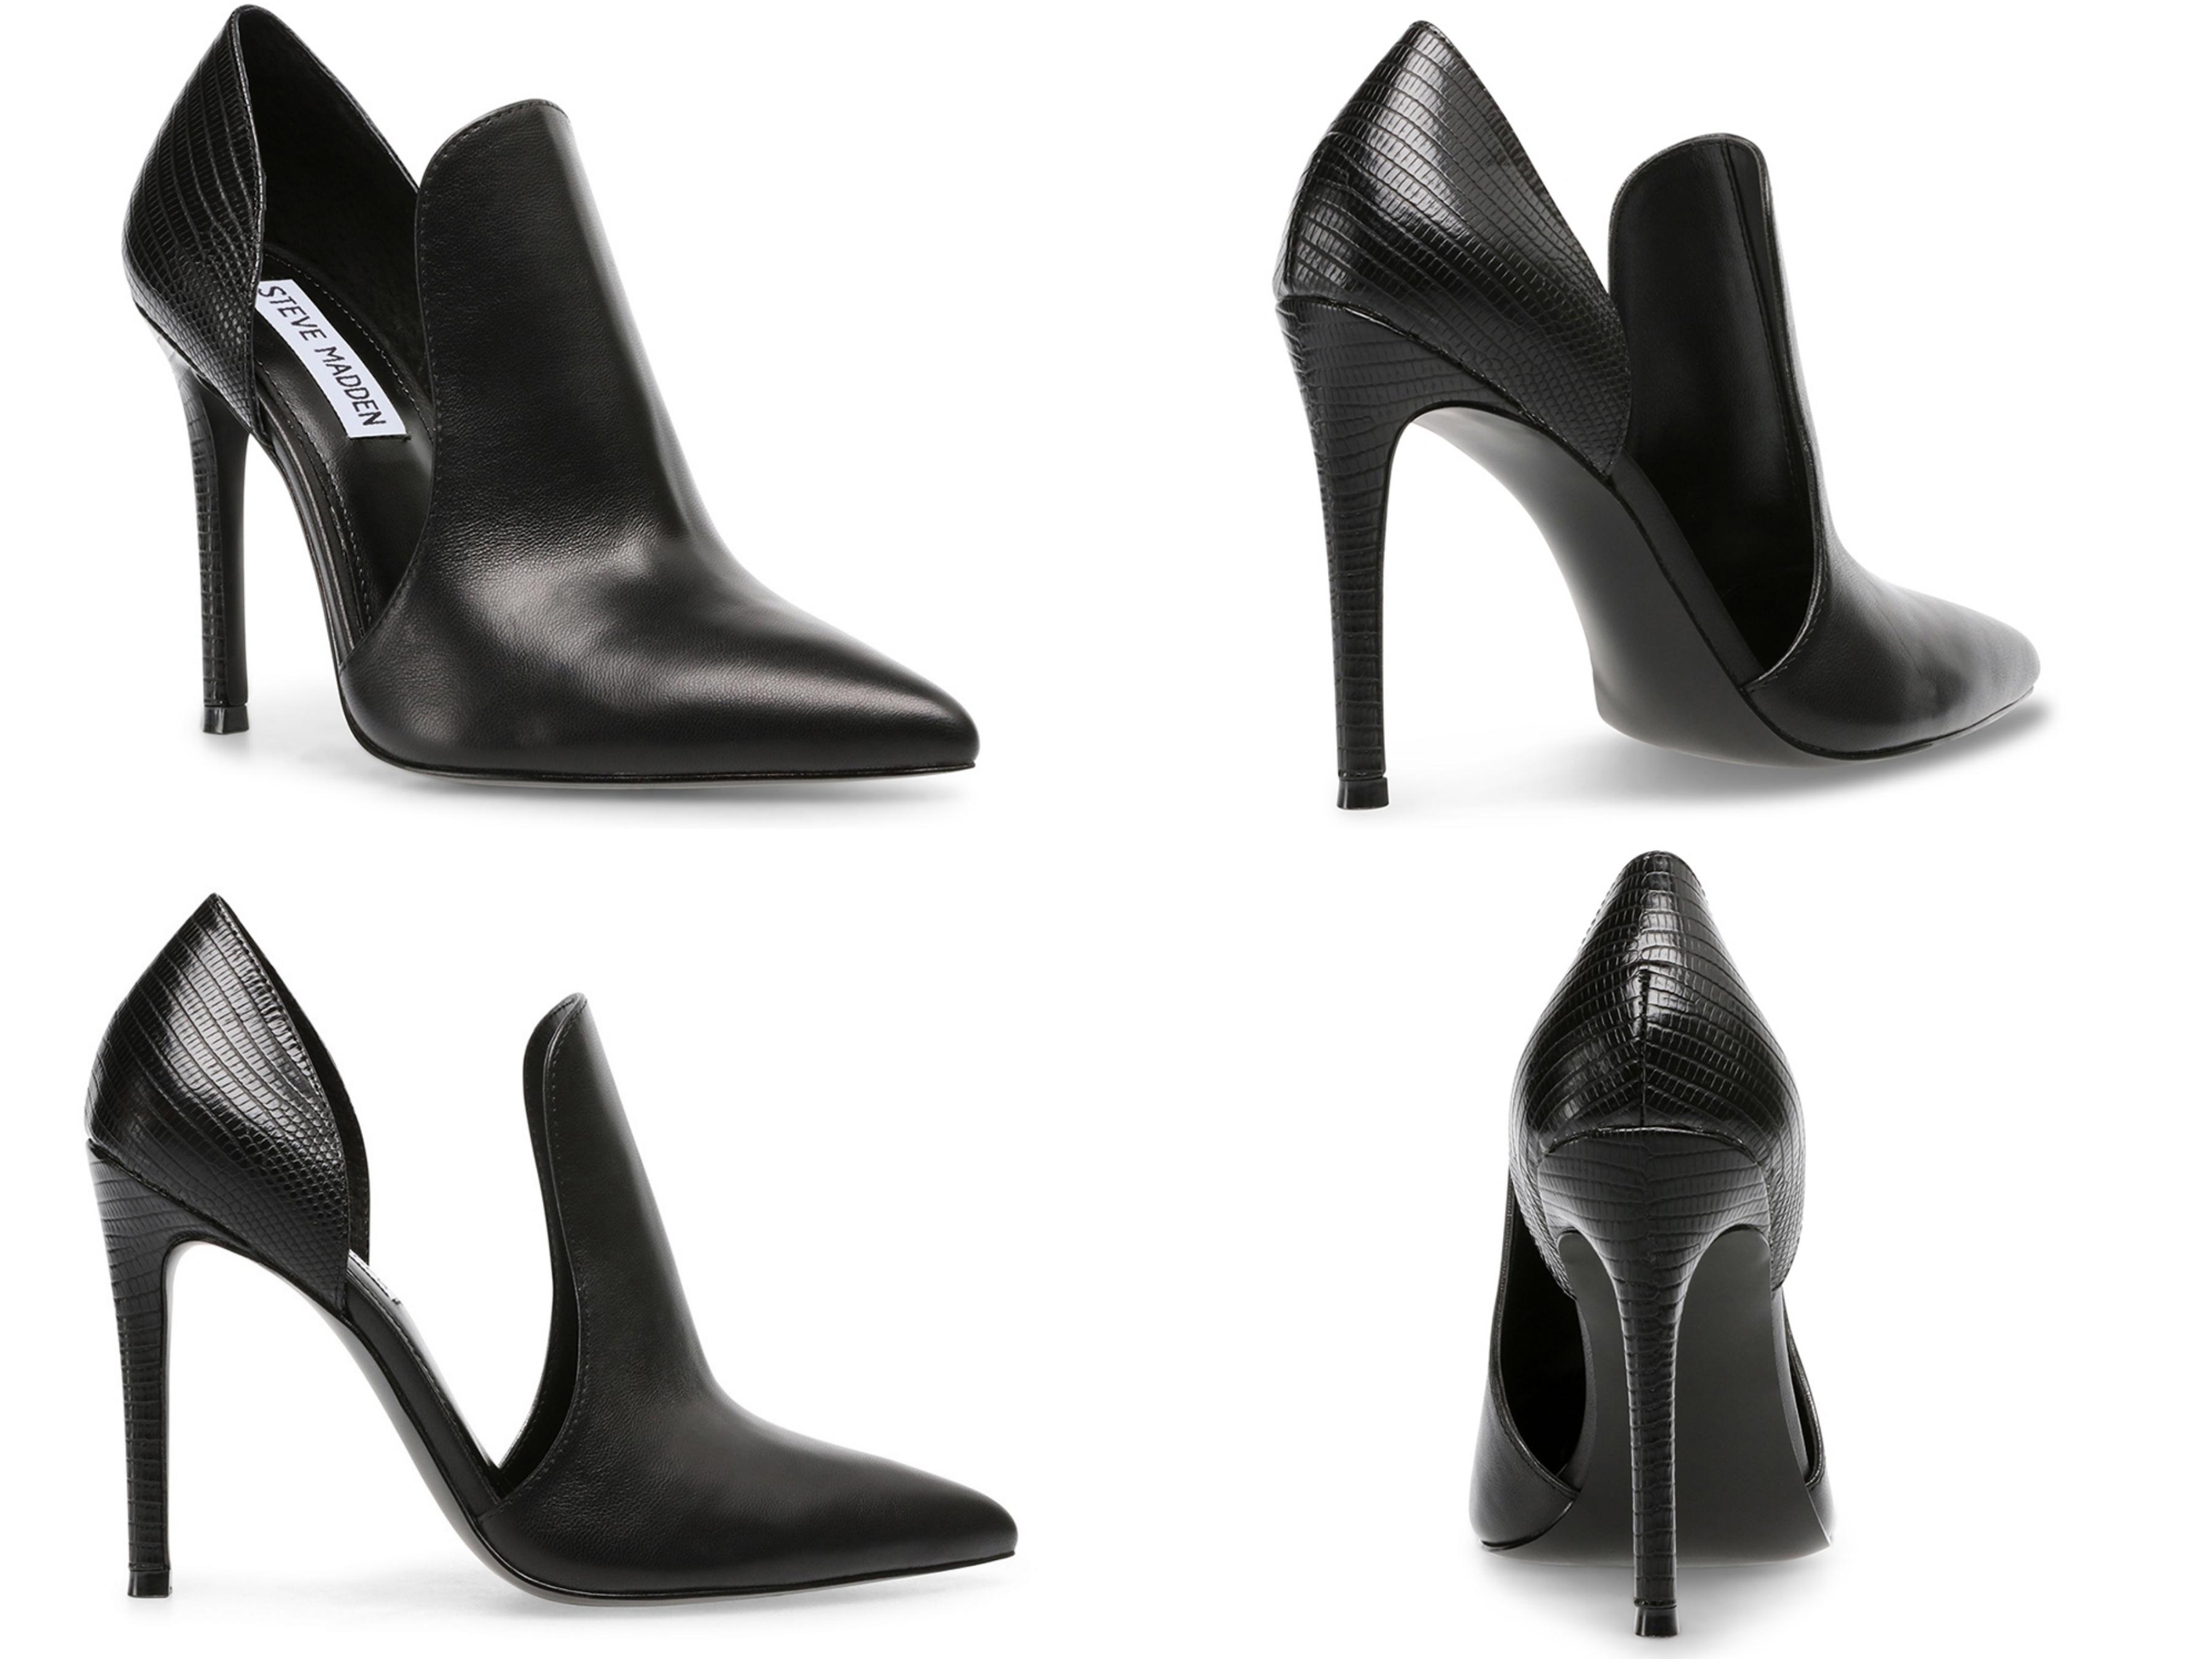 STEVE MADDEN-EMBRY 迷人性感拼接簍空高跟女鞋-黑色 歐美部落客穿搭必備的潮流指標,今年秋冬強勢回歸!